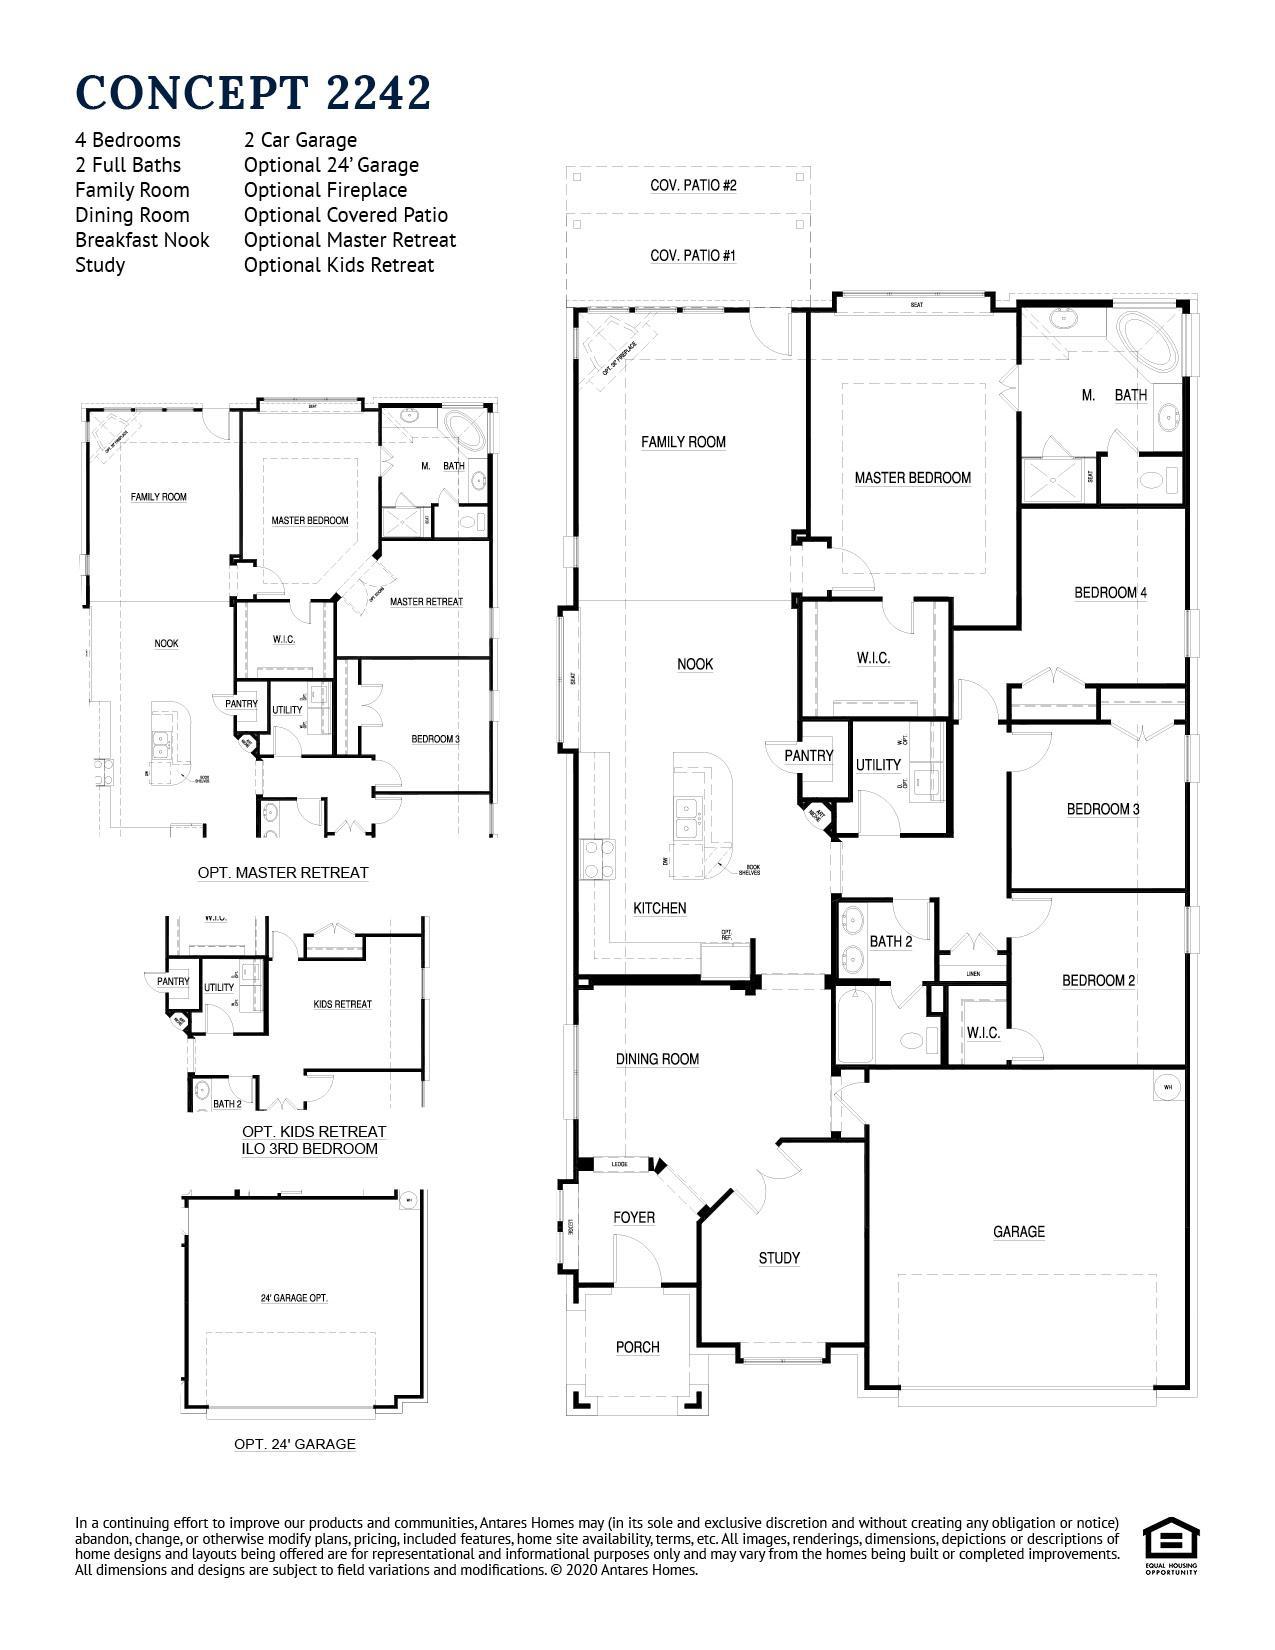 Concept 2242 Floor plan